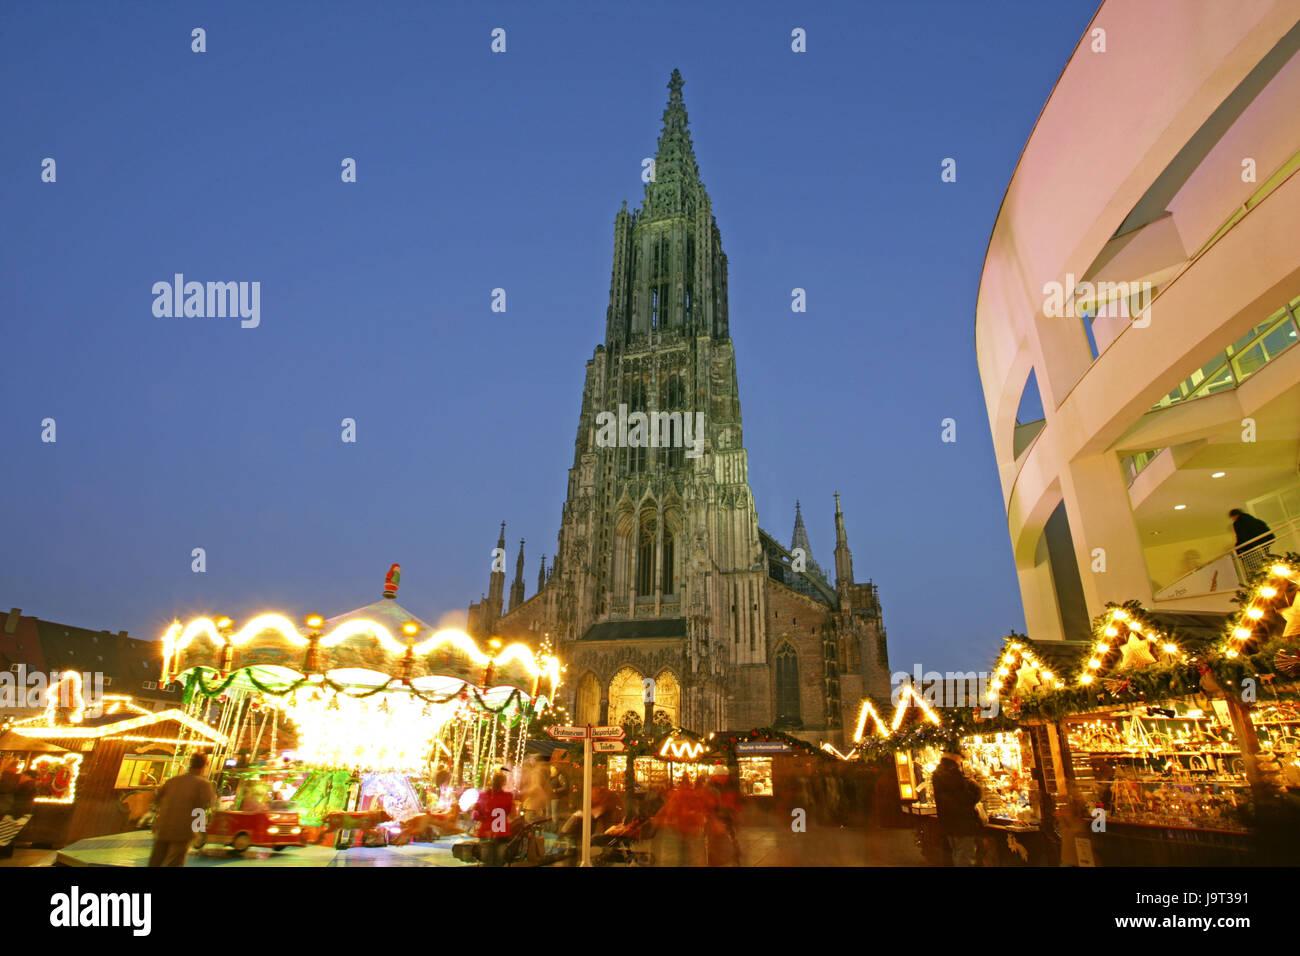 Ulm Weihnachtsmarkt.Weihnachtsmarkt In Ulm Stockfotos Weihnachtsmarkt In Ulm Bilder